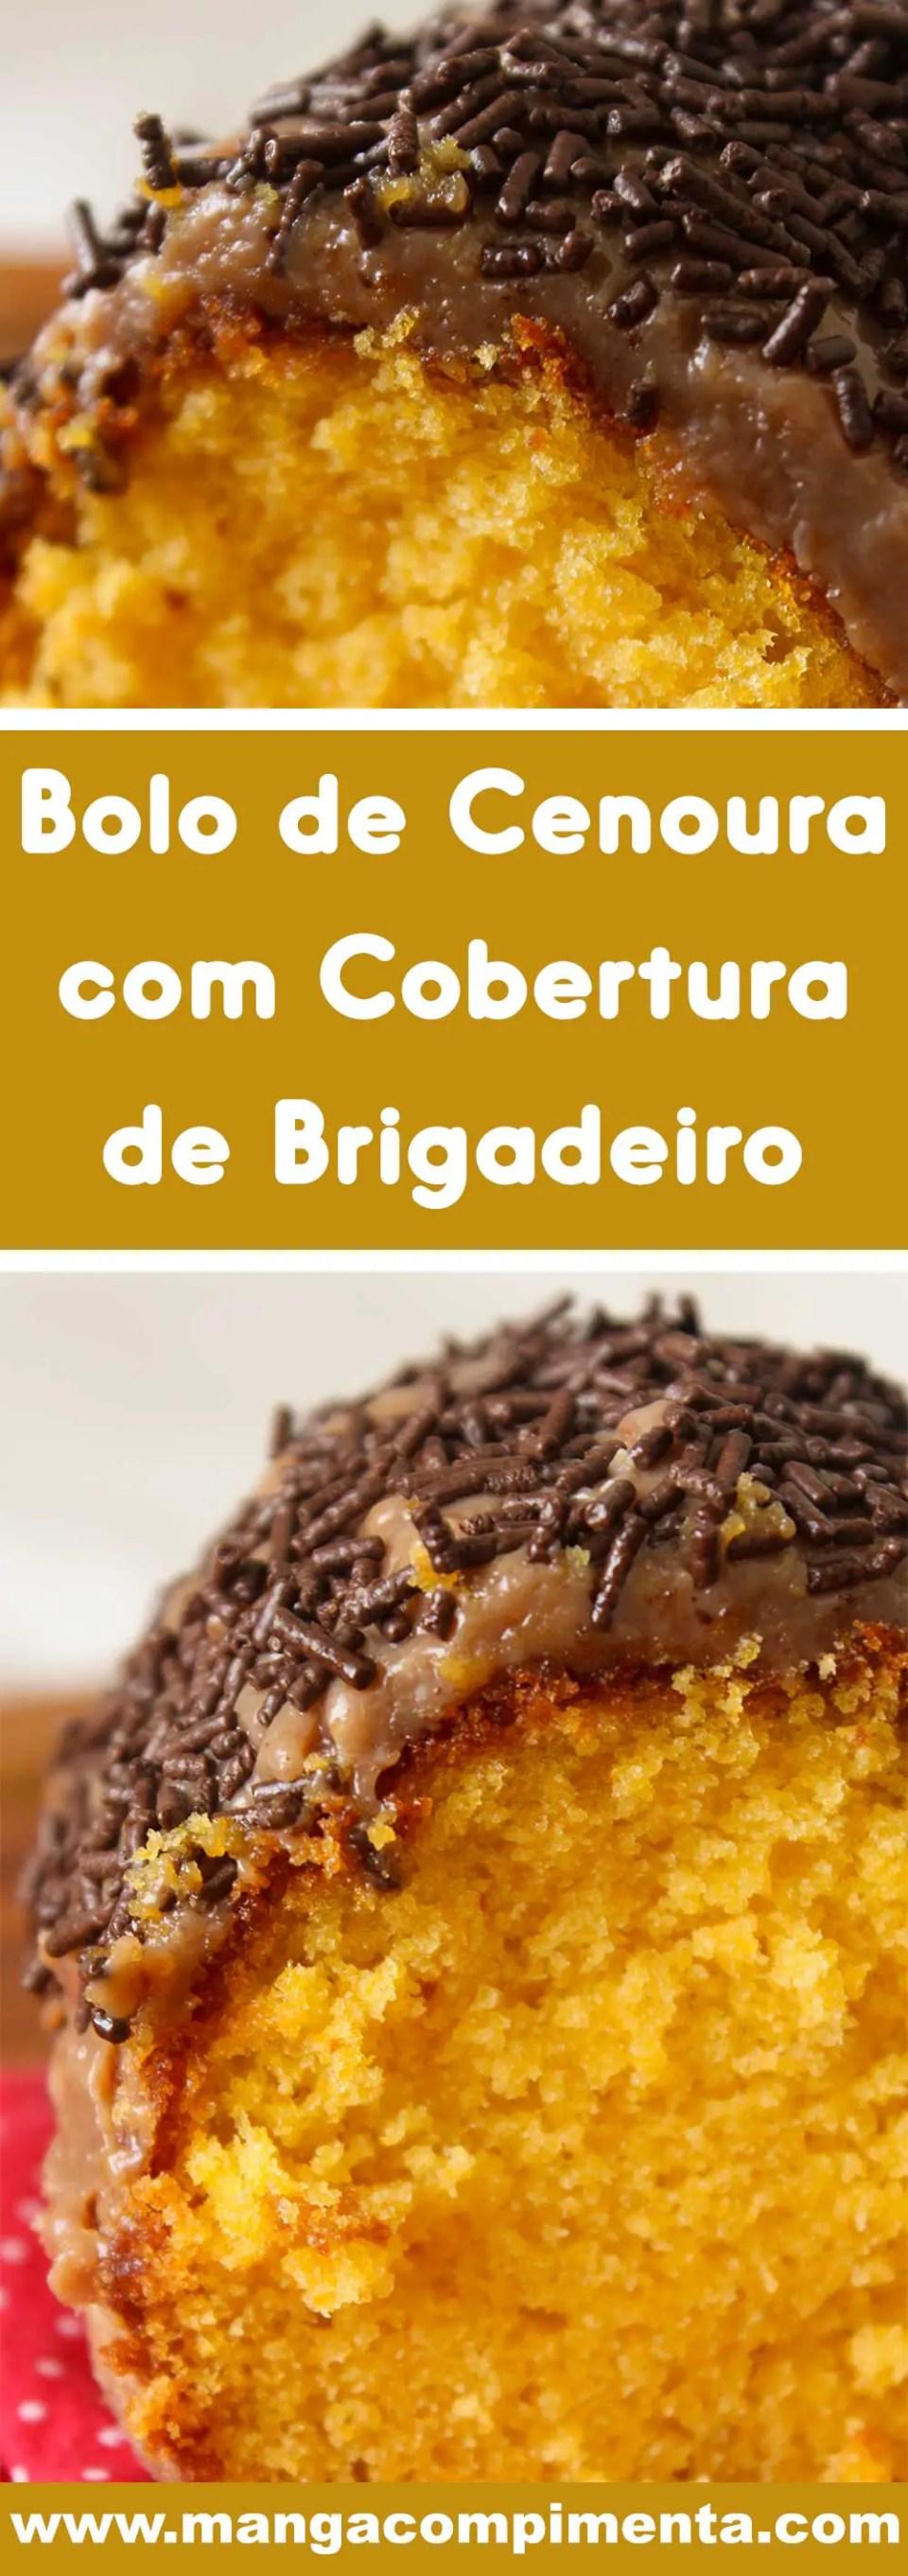 Receita de Bolo de Cenoura com Cobertura de Brigadeiro - para o lanche da tarde da criançada!